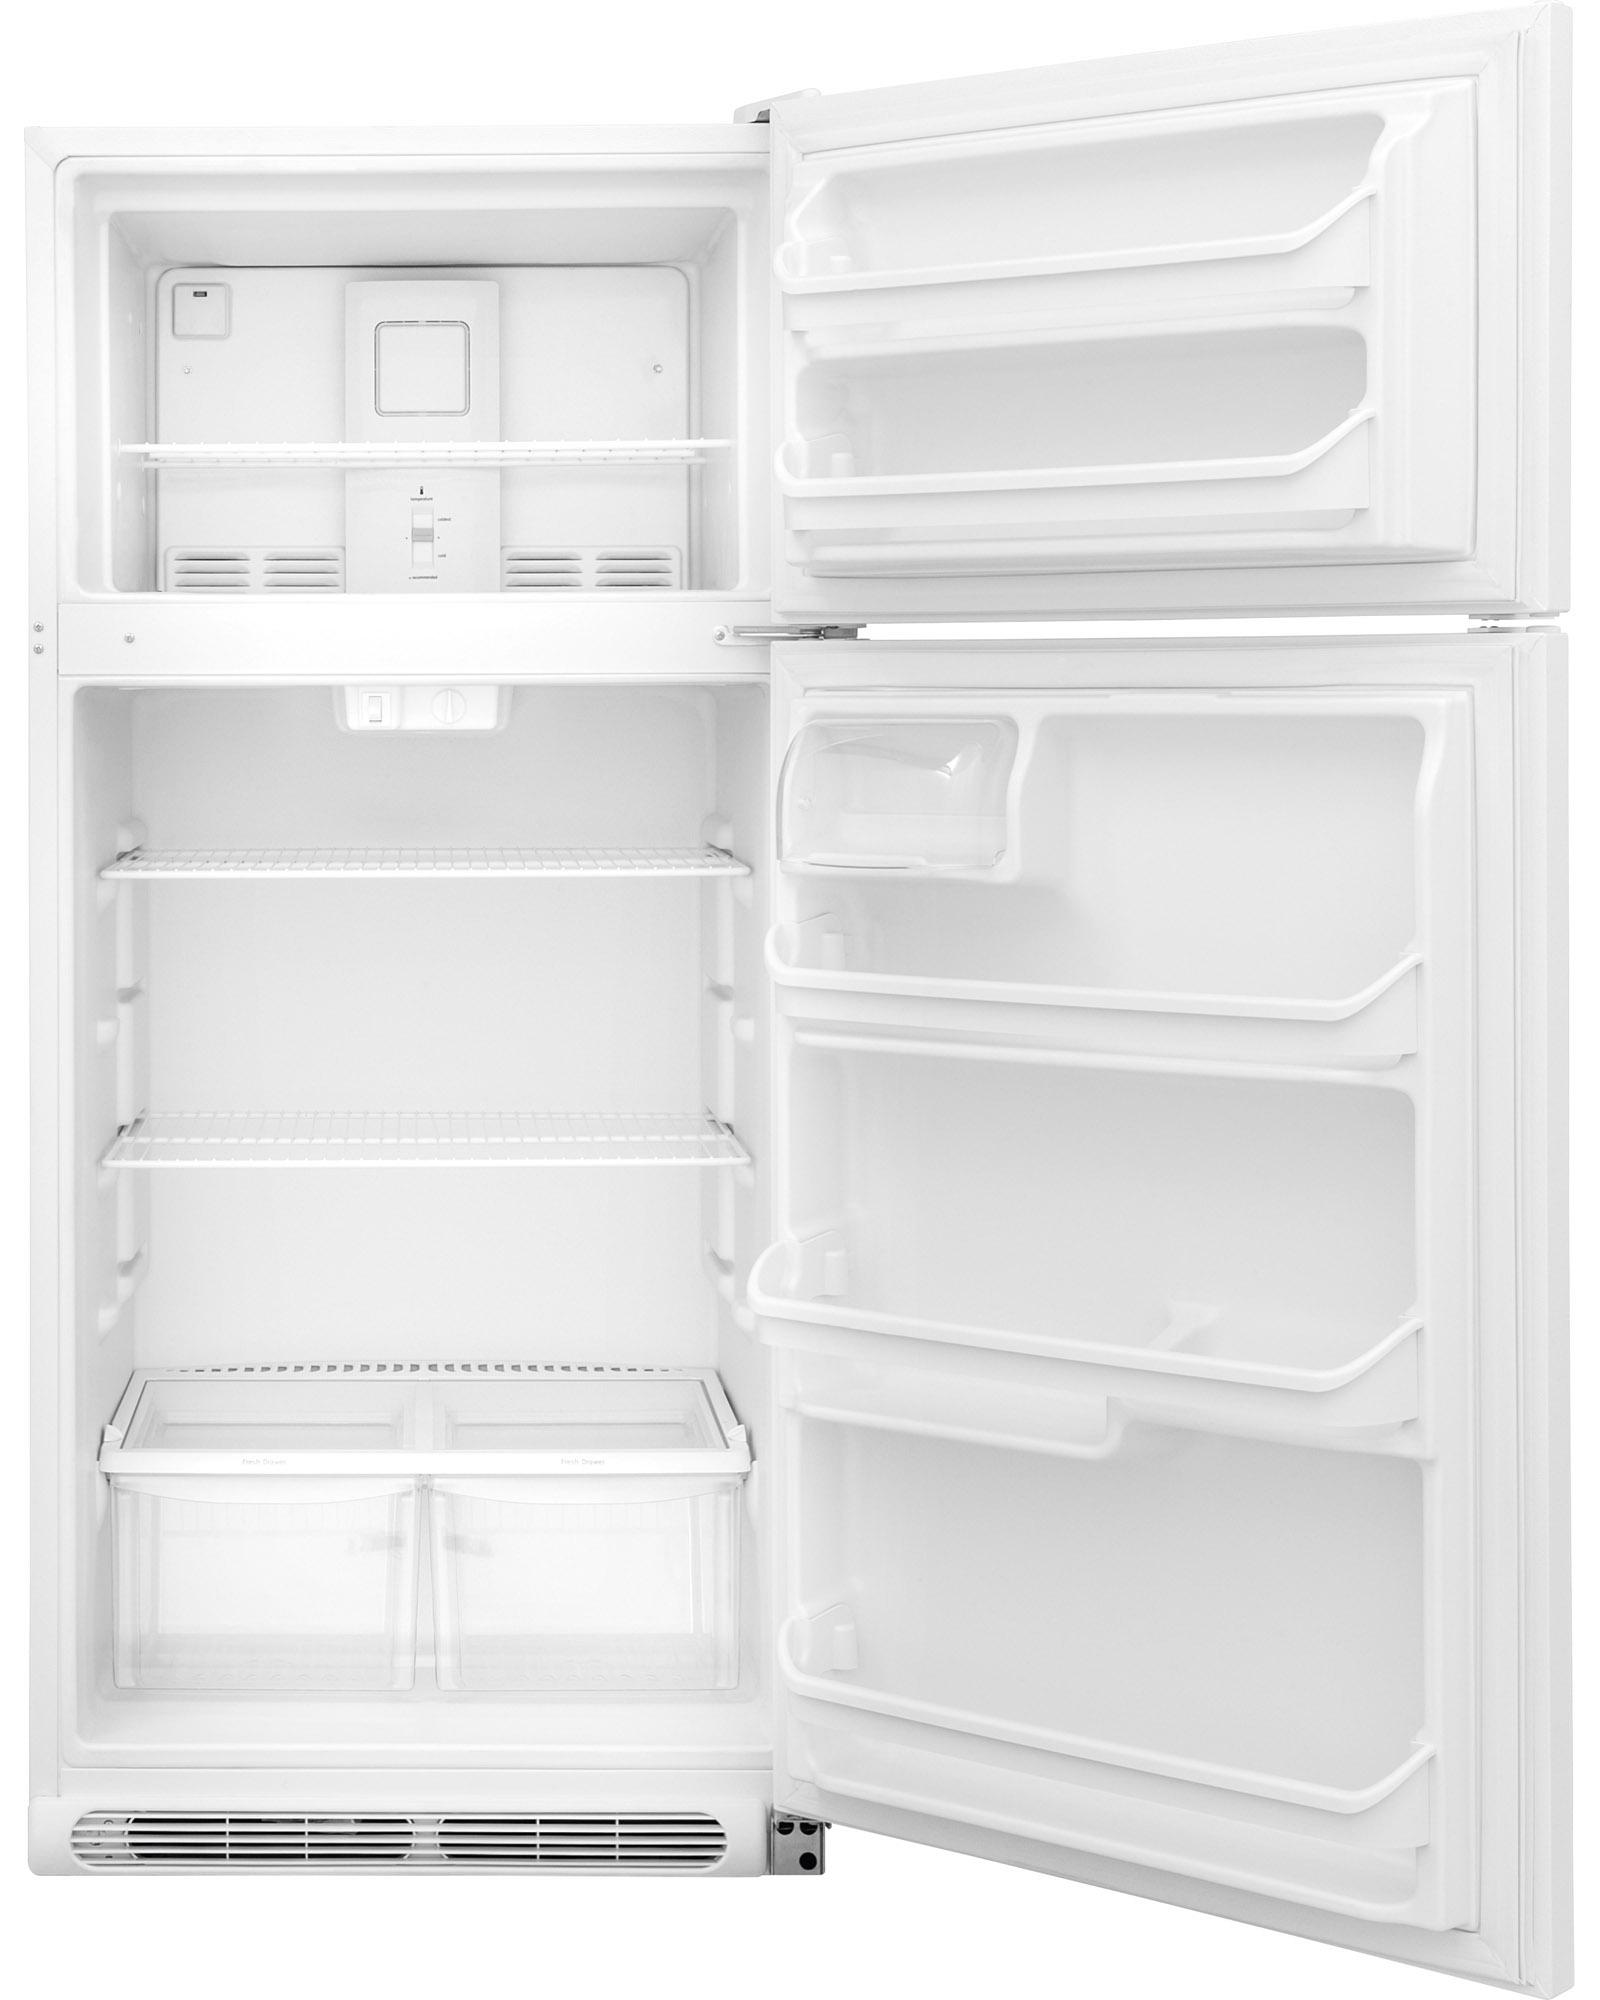 Frigidaire FFTR1814QW 18 cu. ft. Top Freezer Refrigerator - White